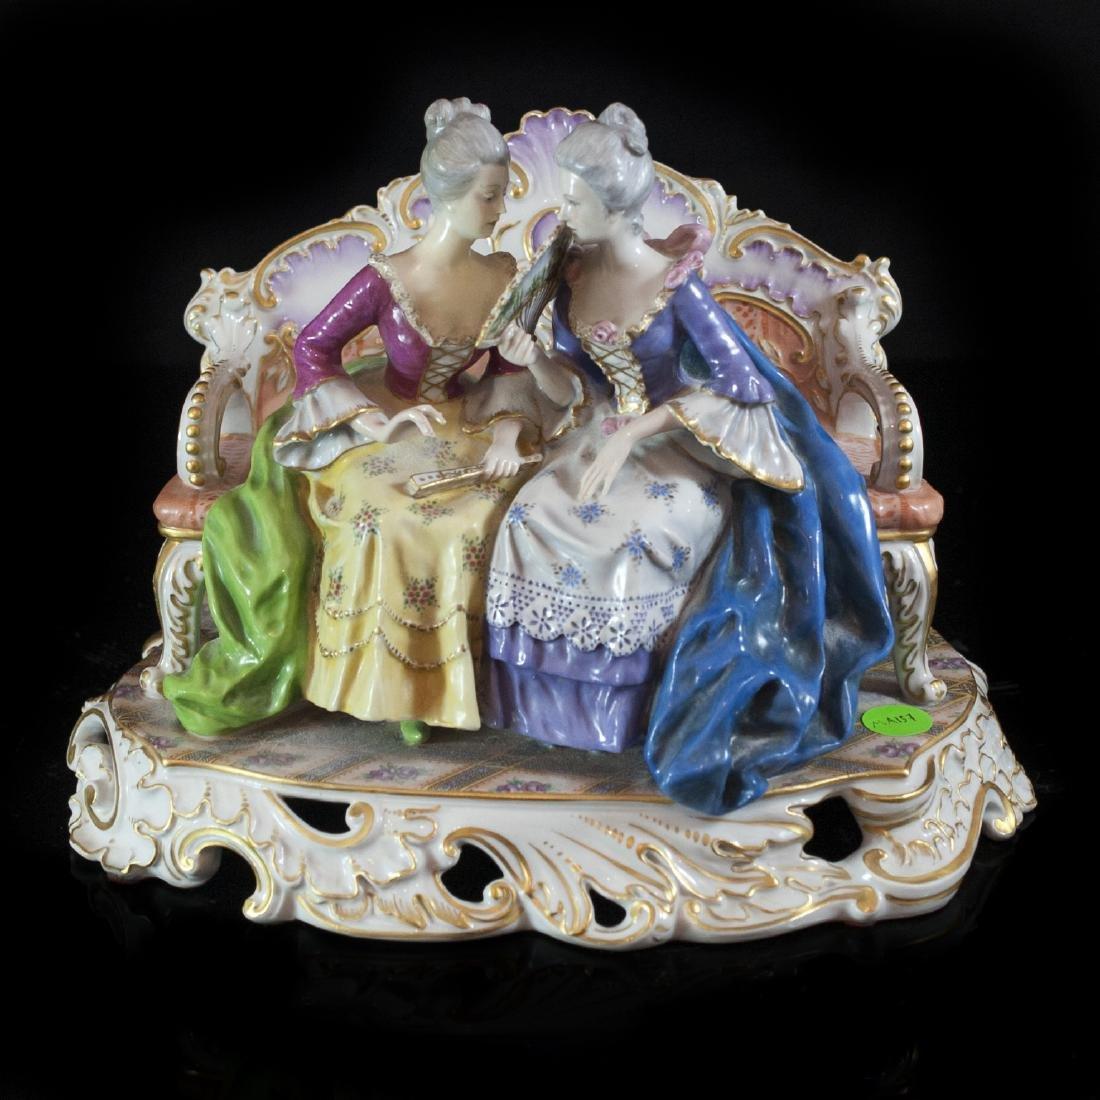 Antique Capodimonte Porcelain Figurine